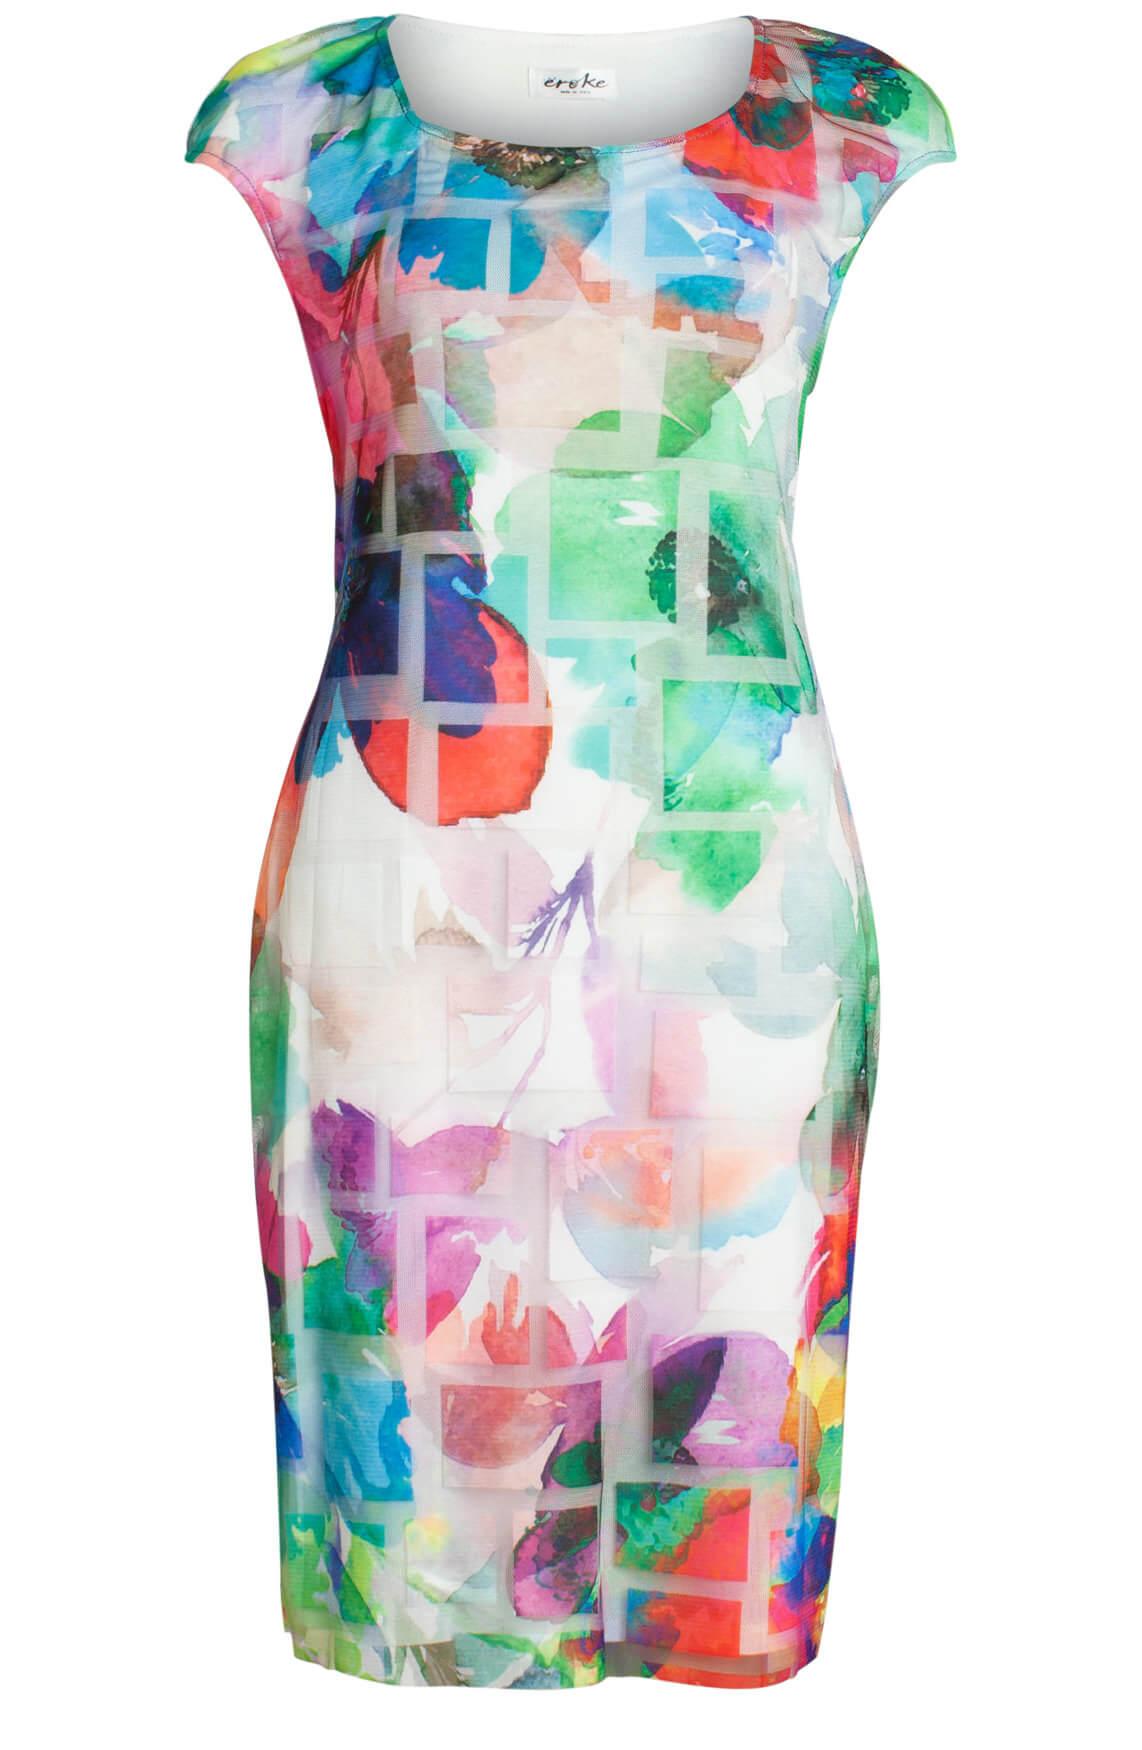 b4fd236d32ebb2 Eroke Dames Geprinte jurk met mesh wit